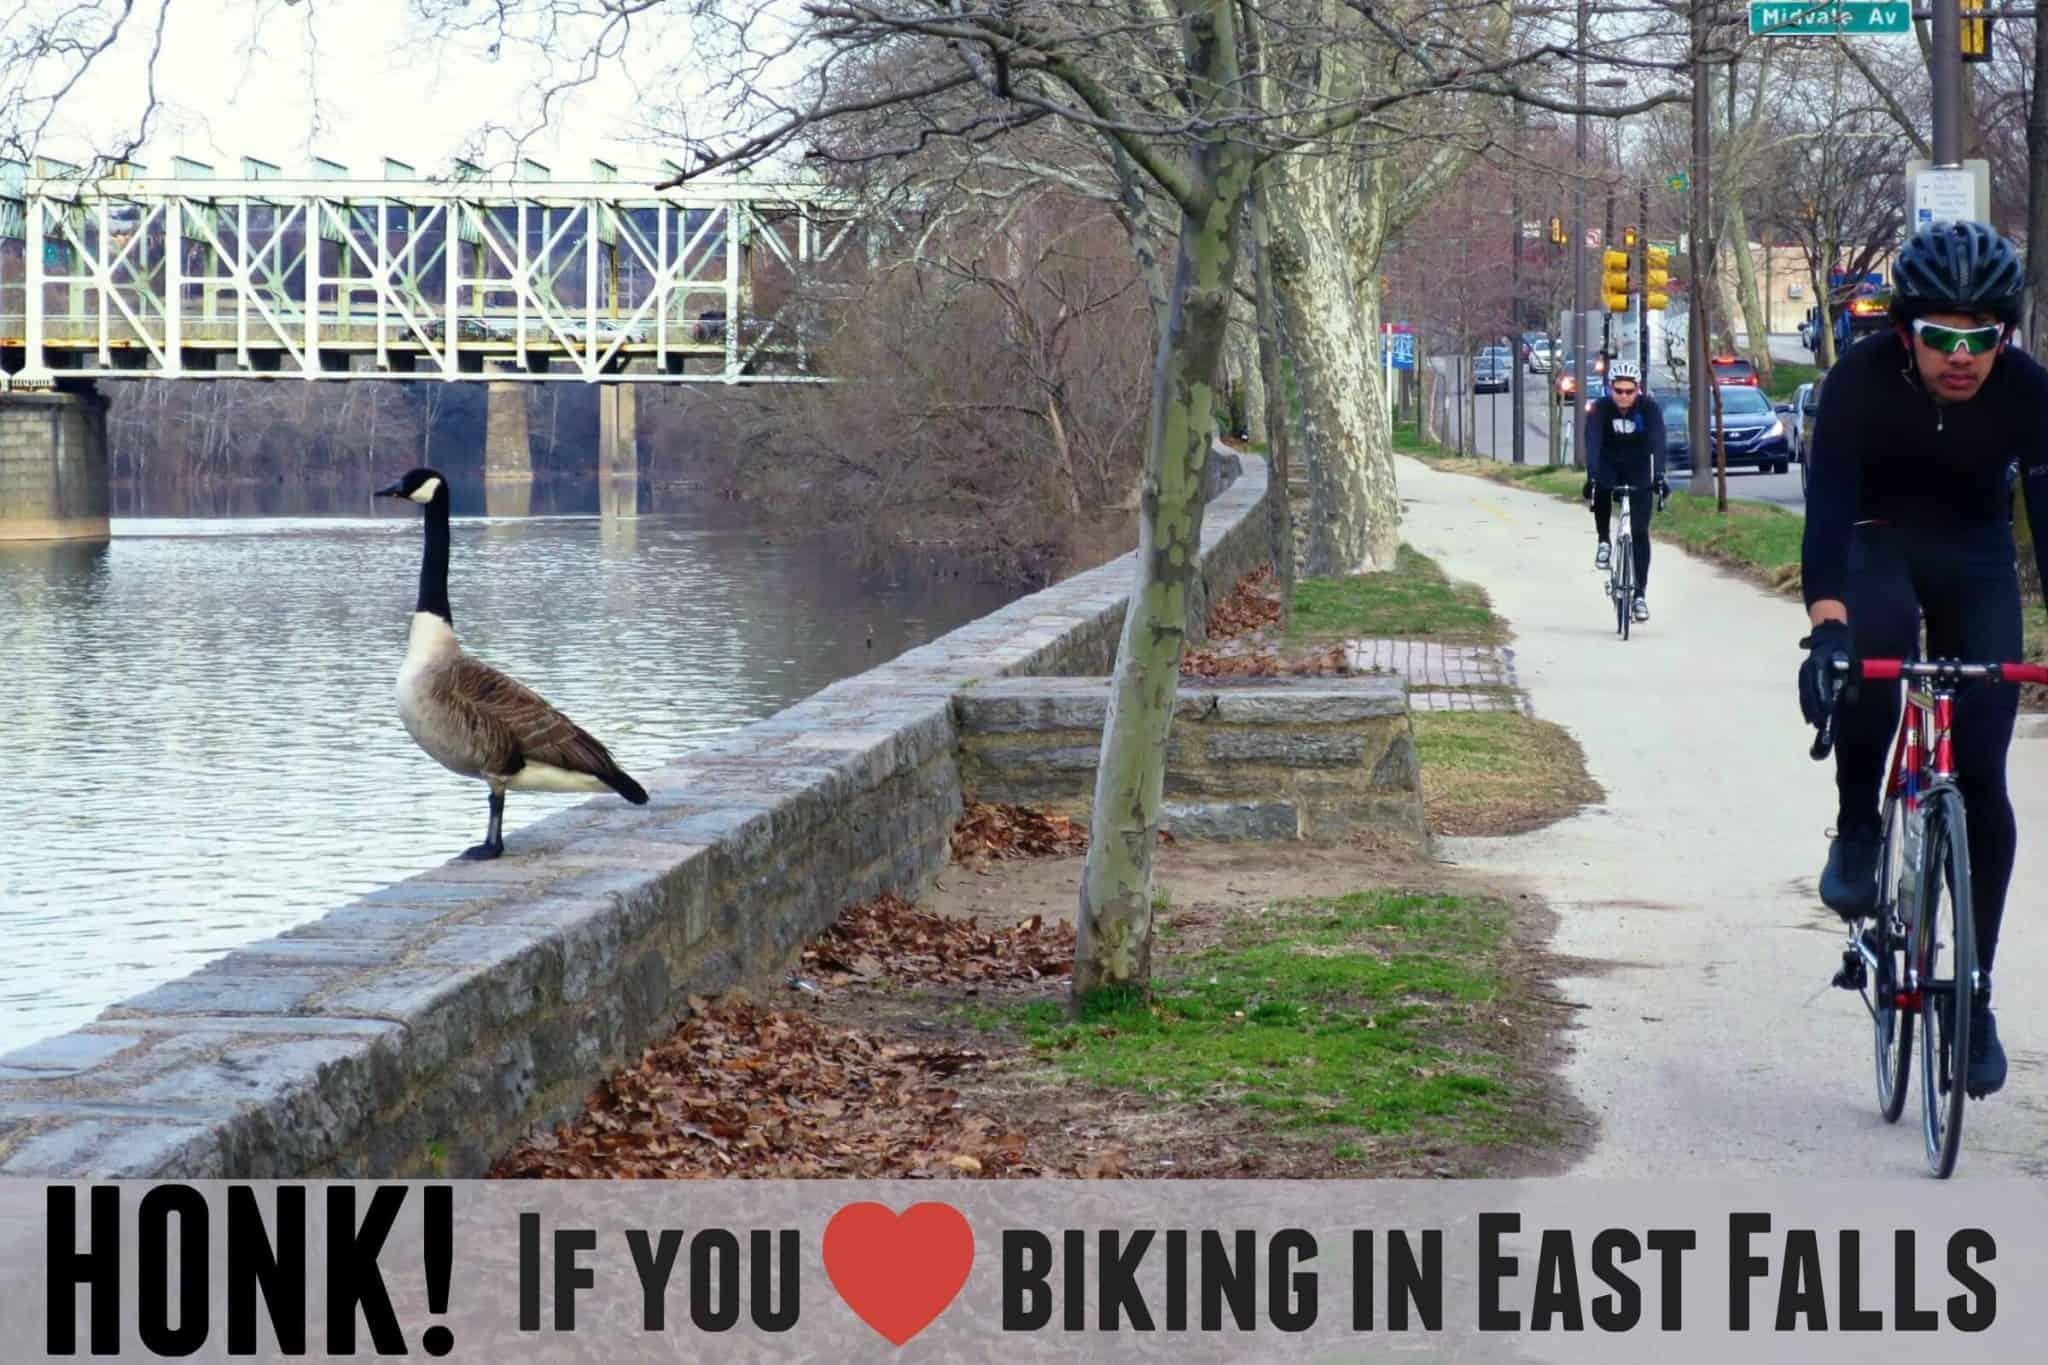 EastFallsLocal Honk if you love biking in east falls